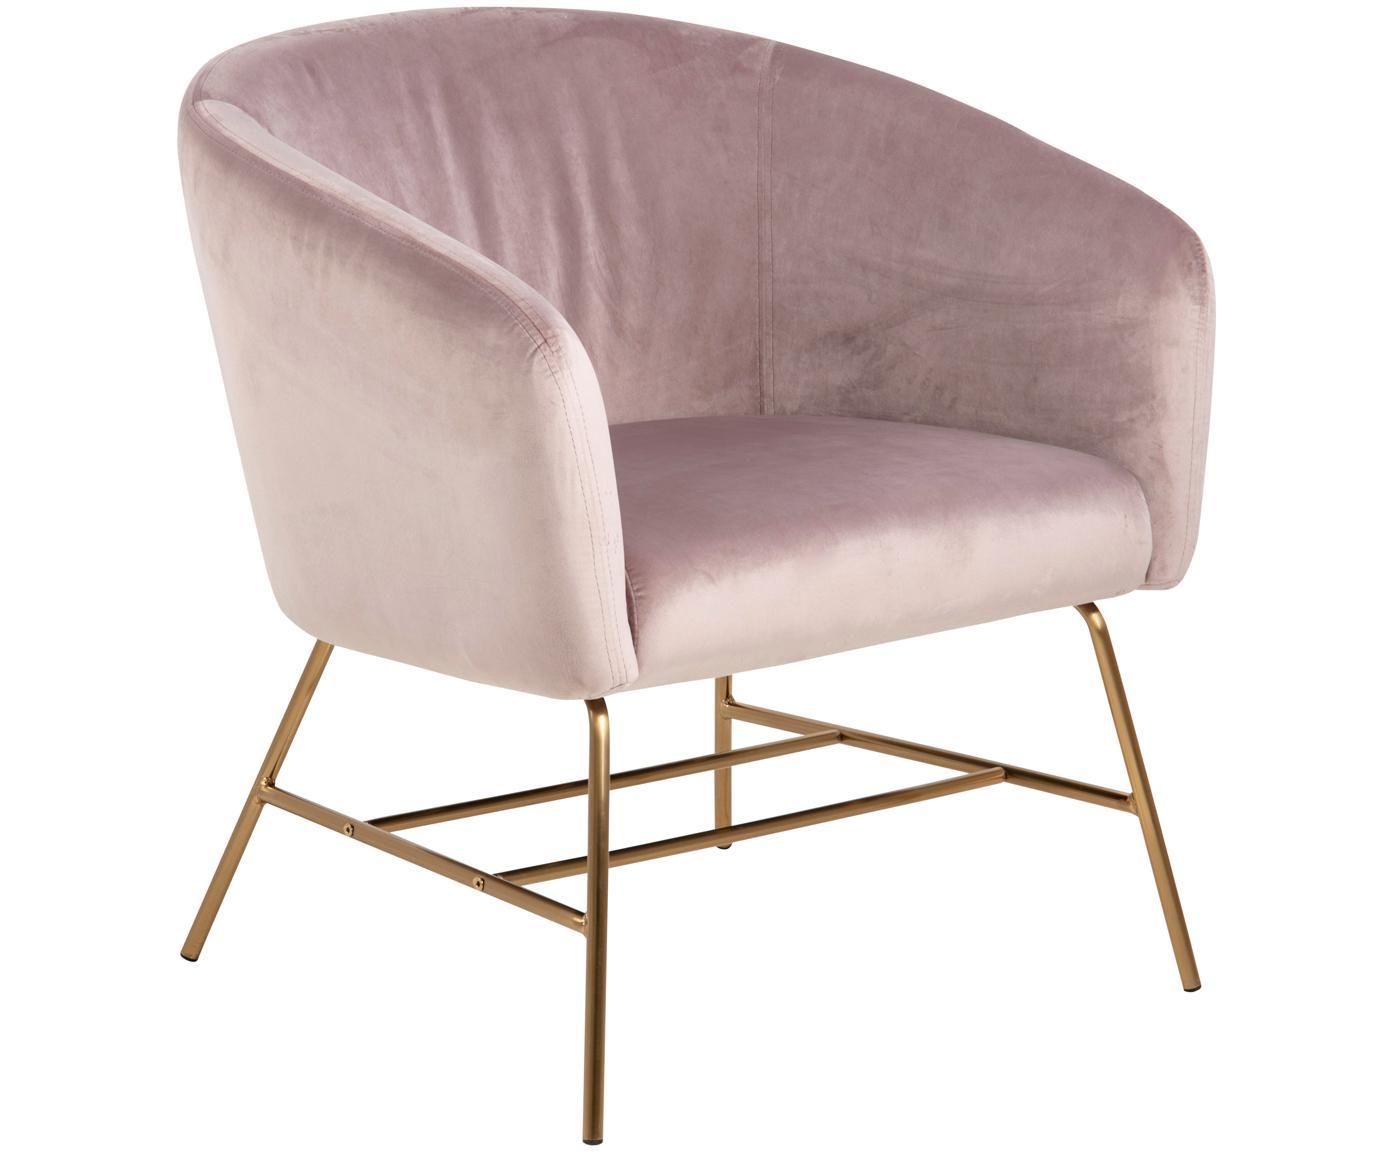 Poltrona moderna in velluto rosa Ramsey, Rivestimento: velluto di poliestere 25., Gambe: metallo, laccato, Rosa, Larg. 72 x Prof. 67 cm